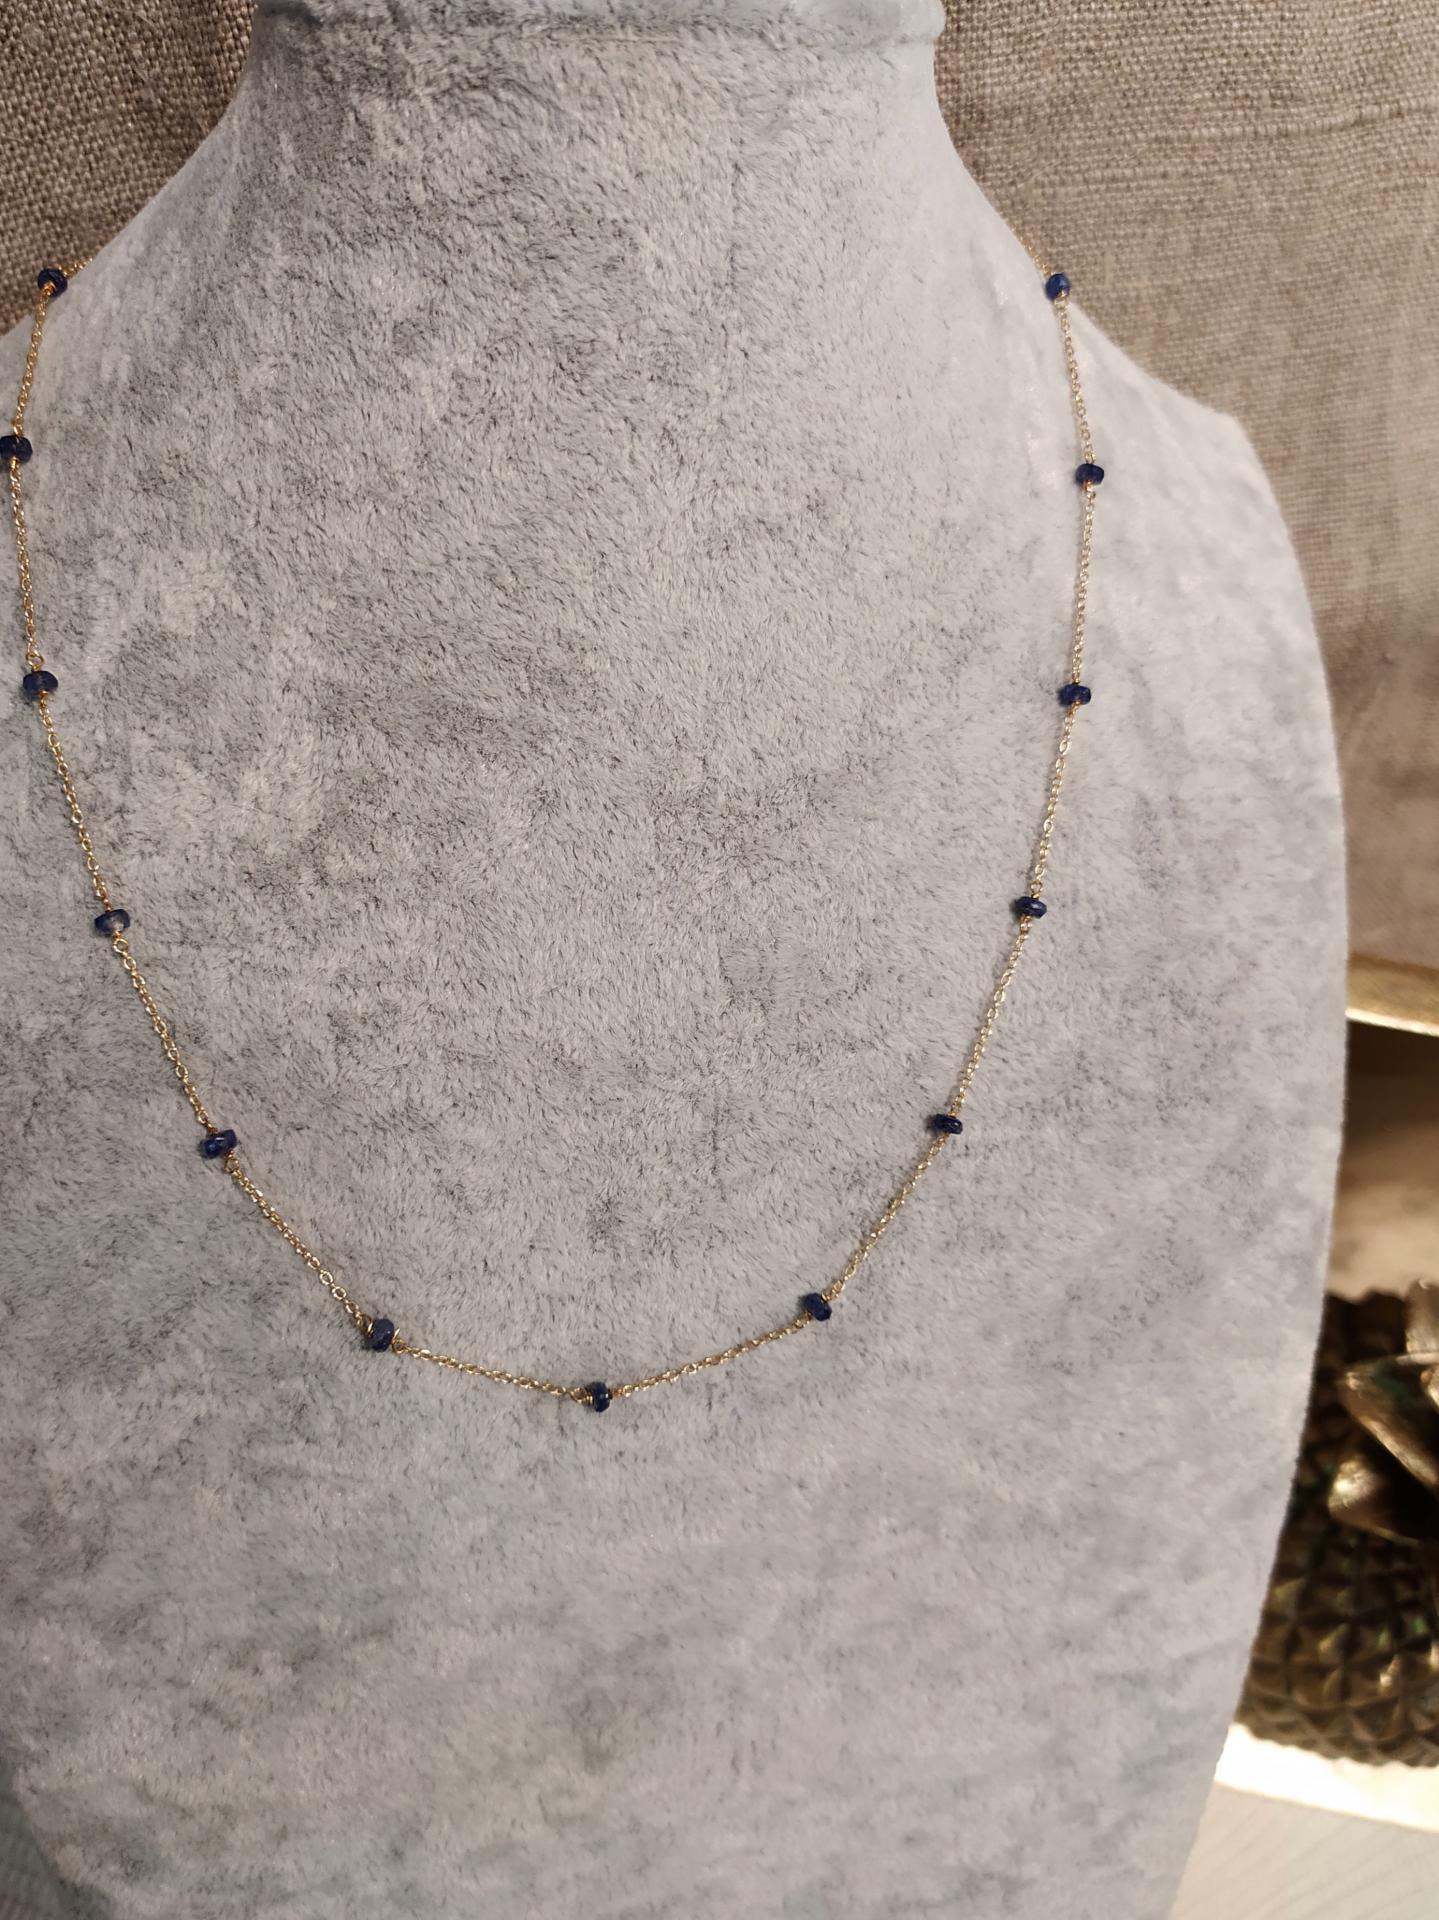 Collier saphir ref 277 1 81 gr prix 99 eur environ 46 cm plus chainette reglable 6 cm 1 19 cts